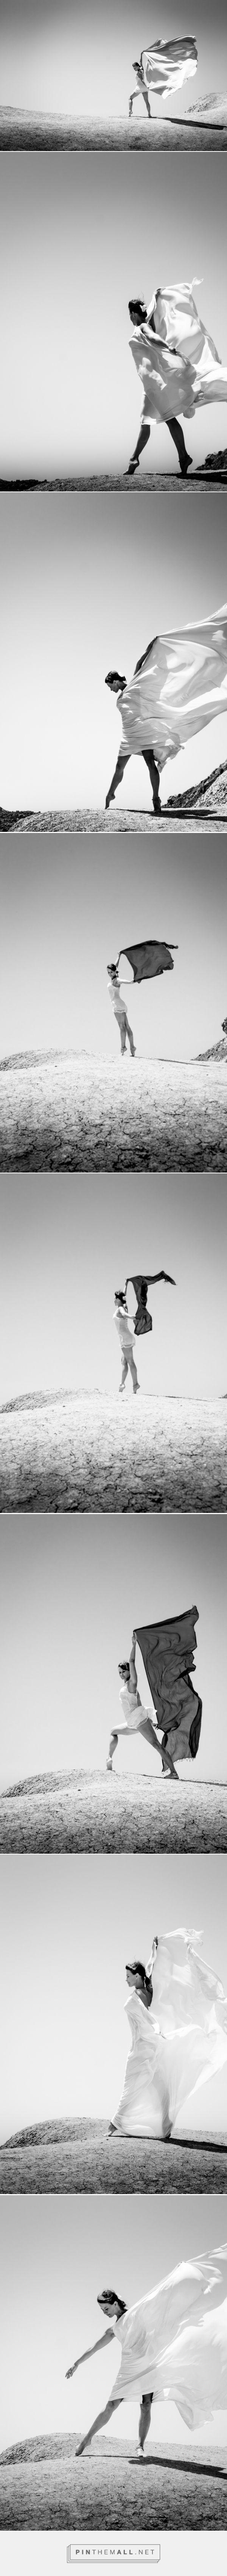 Girl in the wind on Behance  https://www.behance.net/gallery/27124629/Girl-in-the-wind